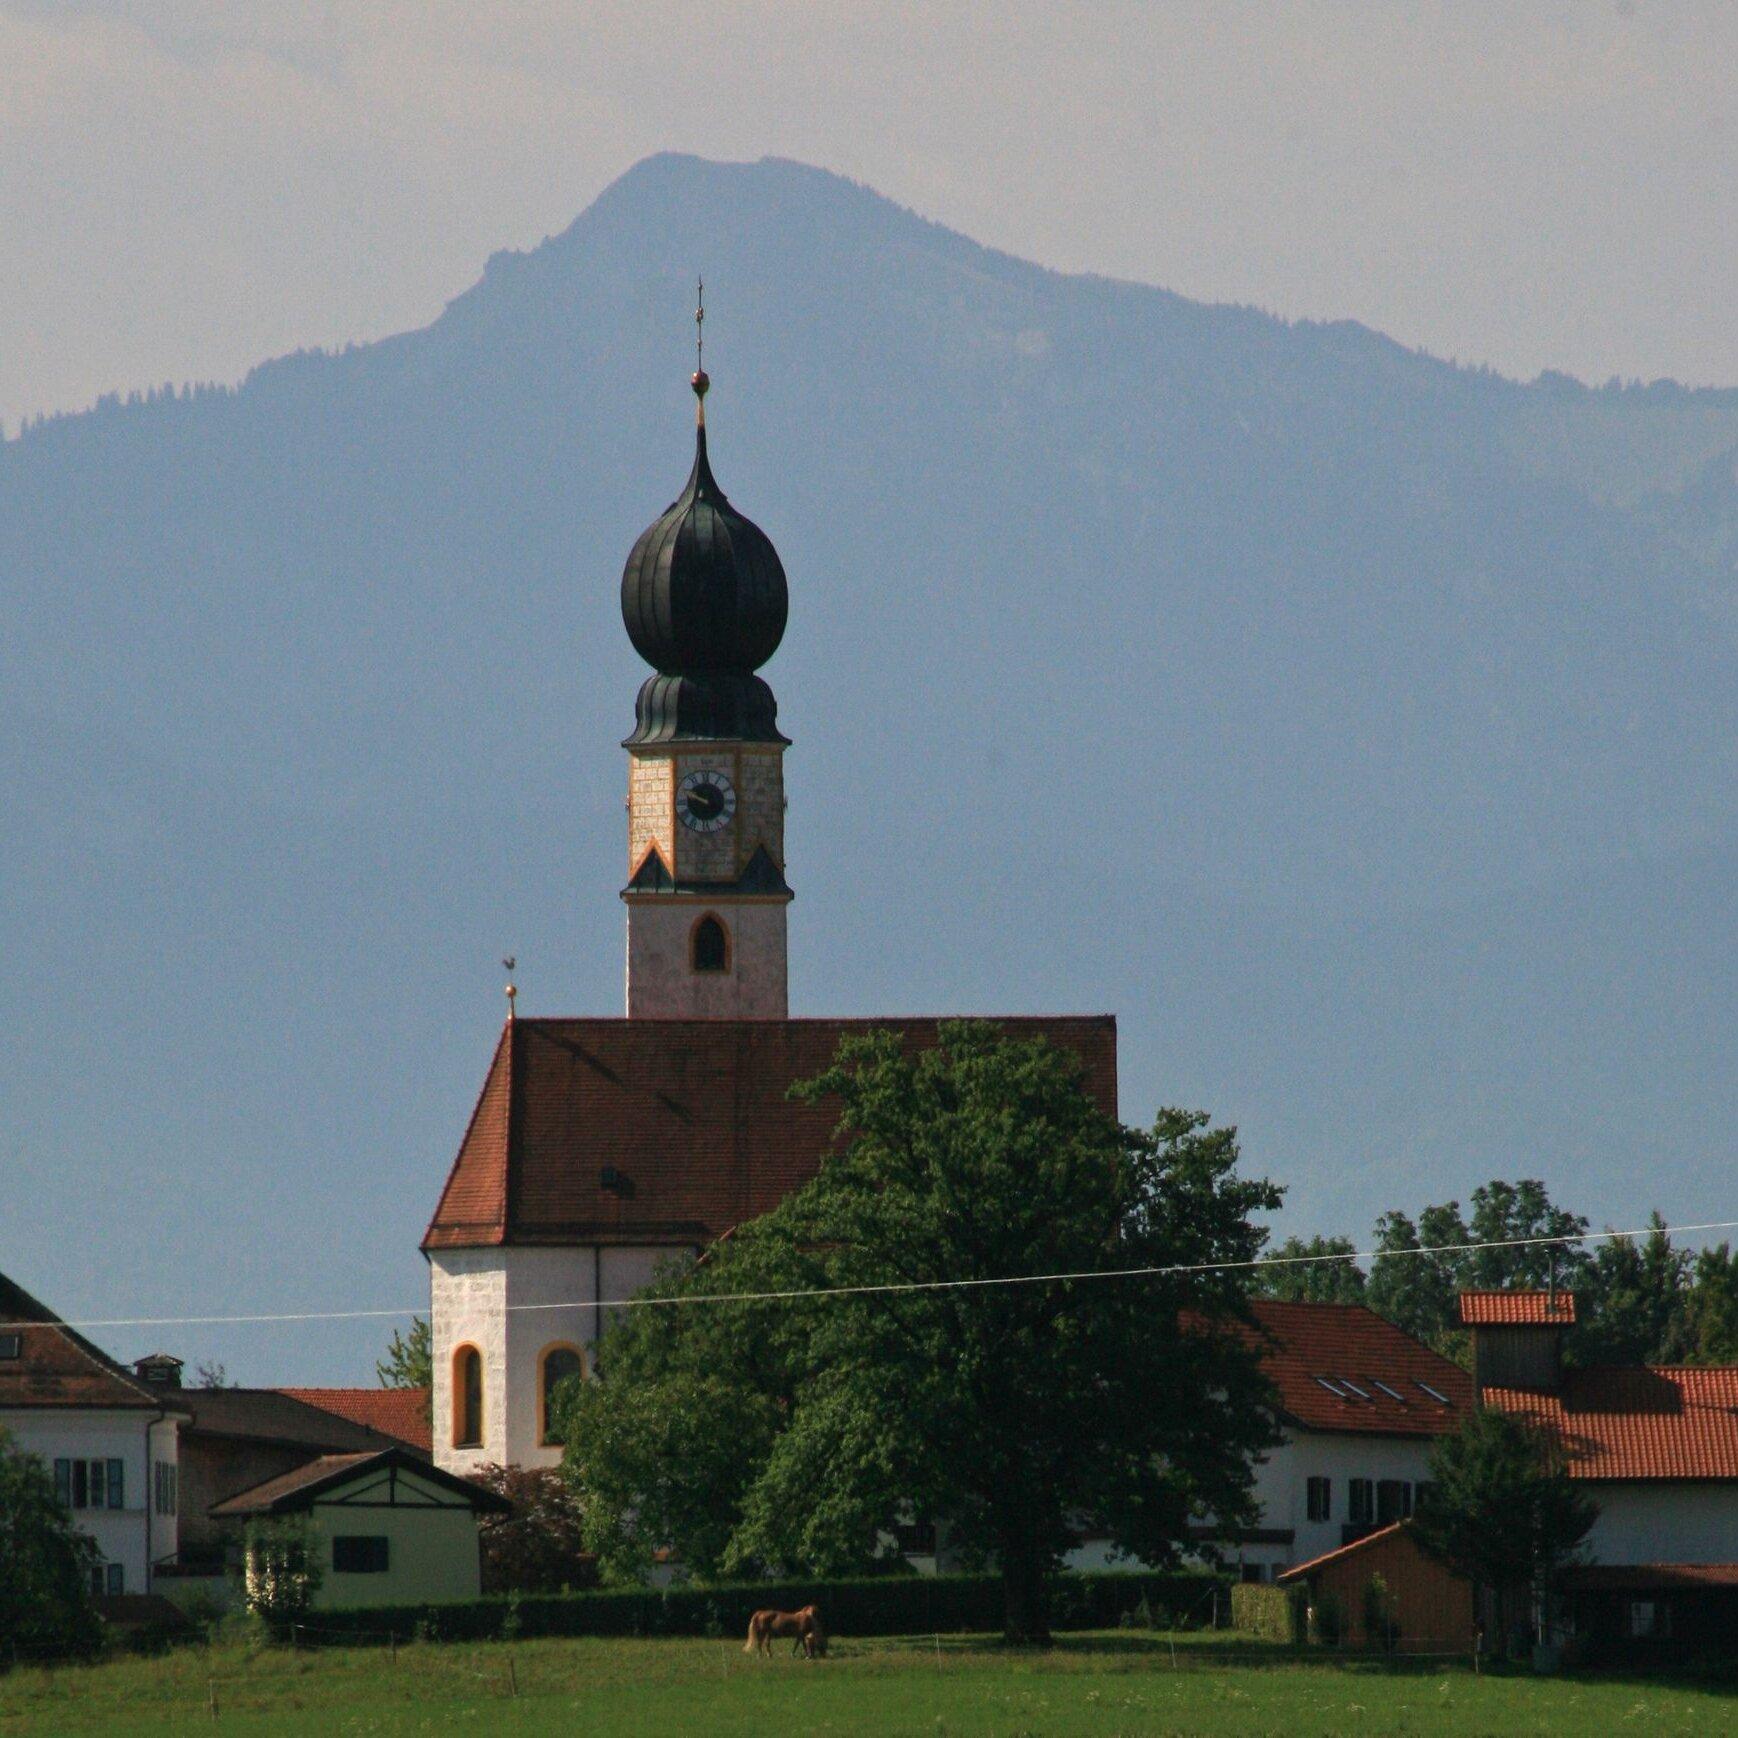 Führung durch die Wallfahrtskirche Mariä Himmelfahrt in Ising